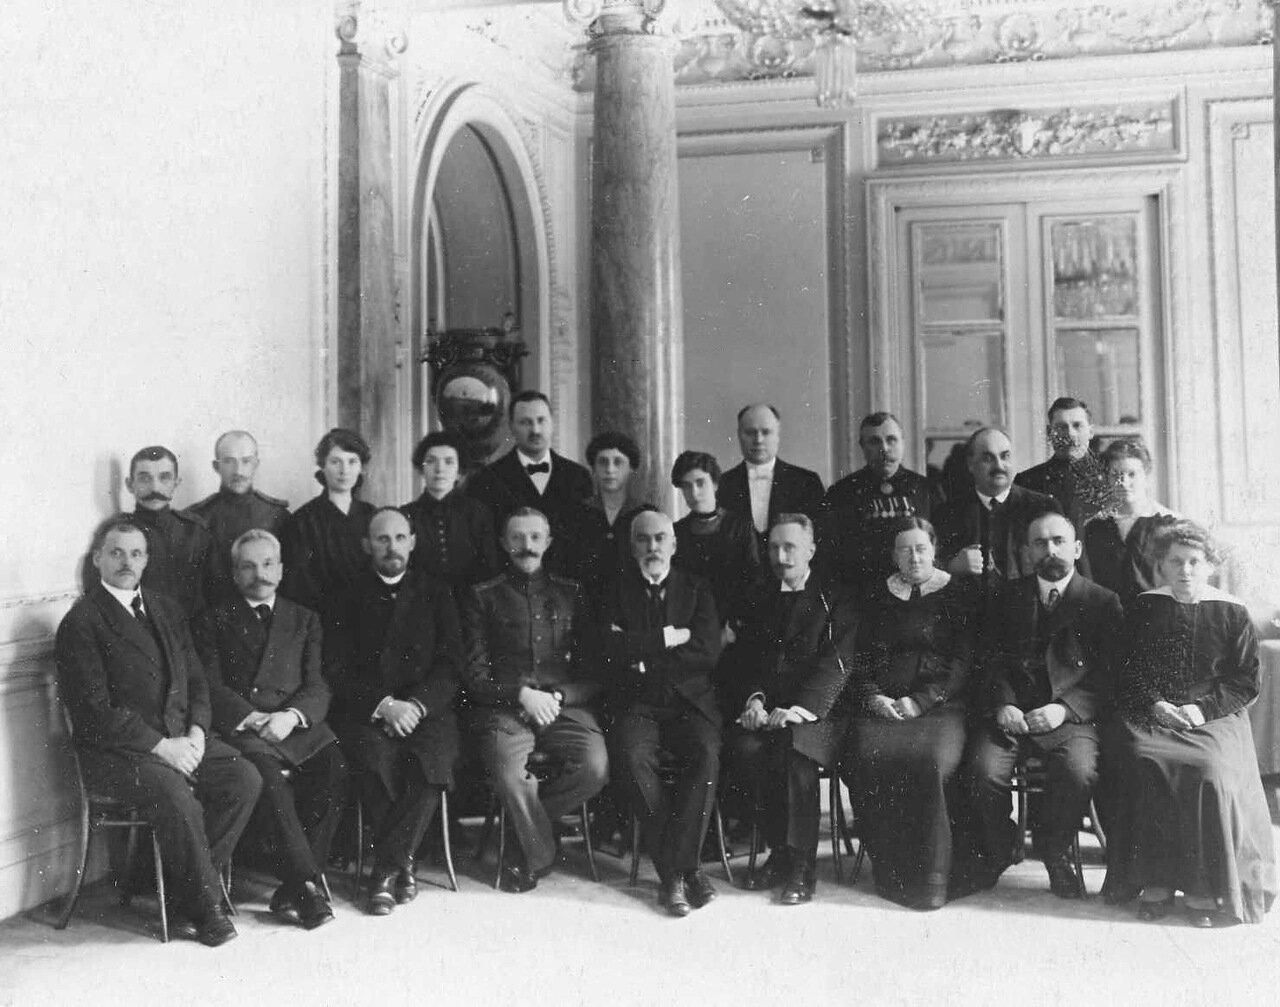 01. Группа служащих канцелярии. Февраль 1917 г.